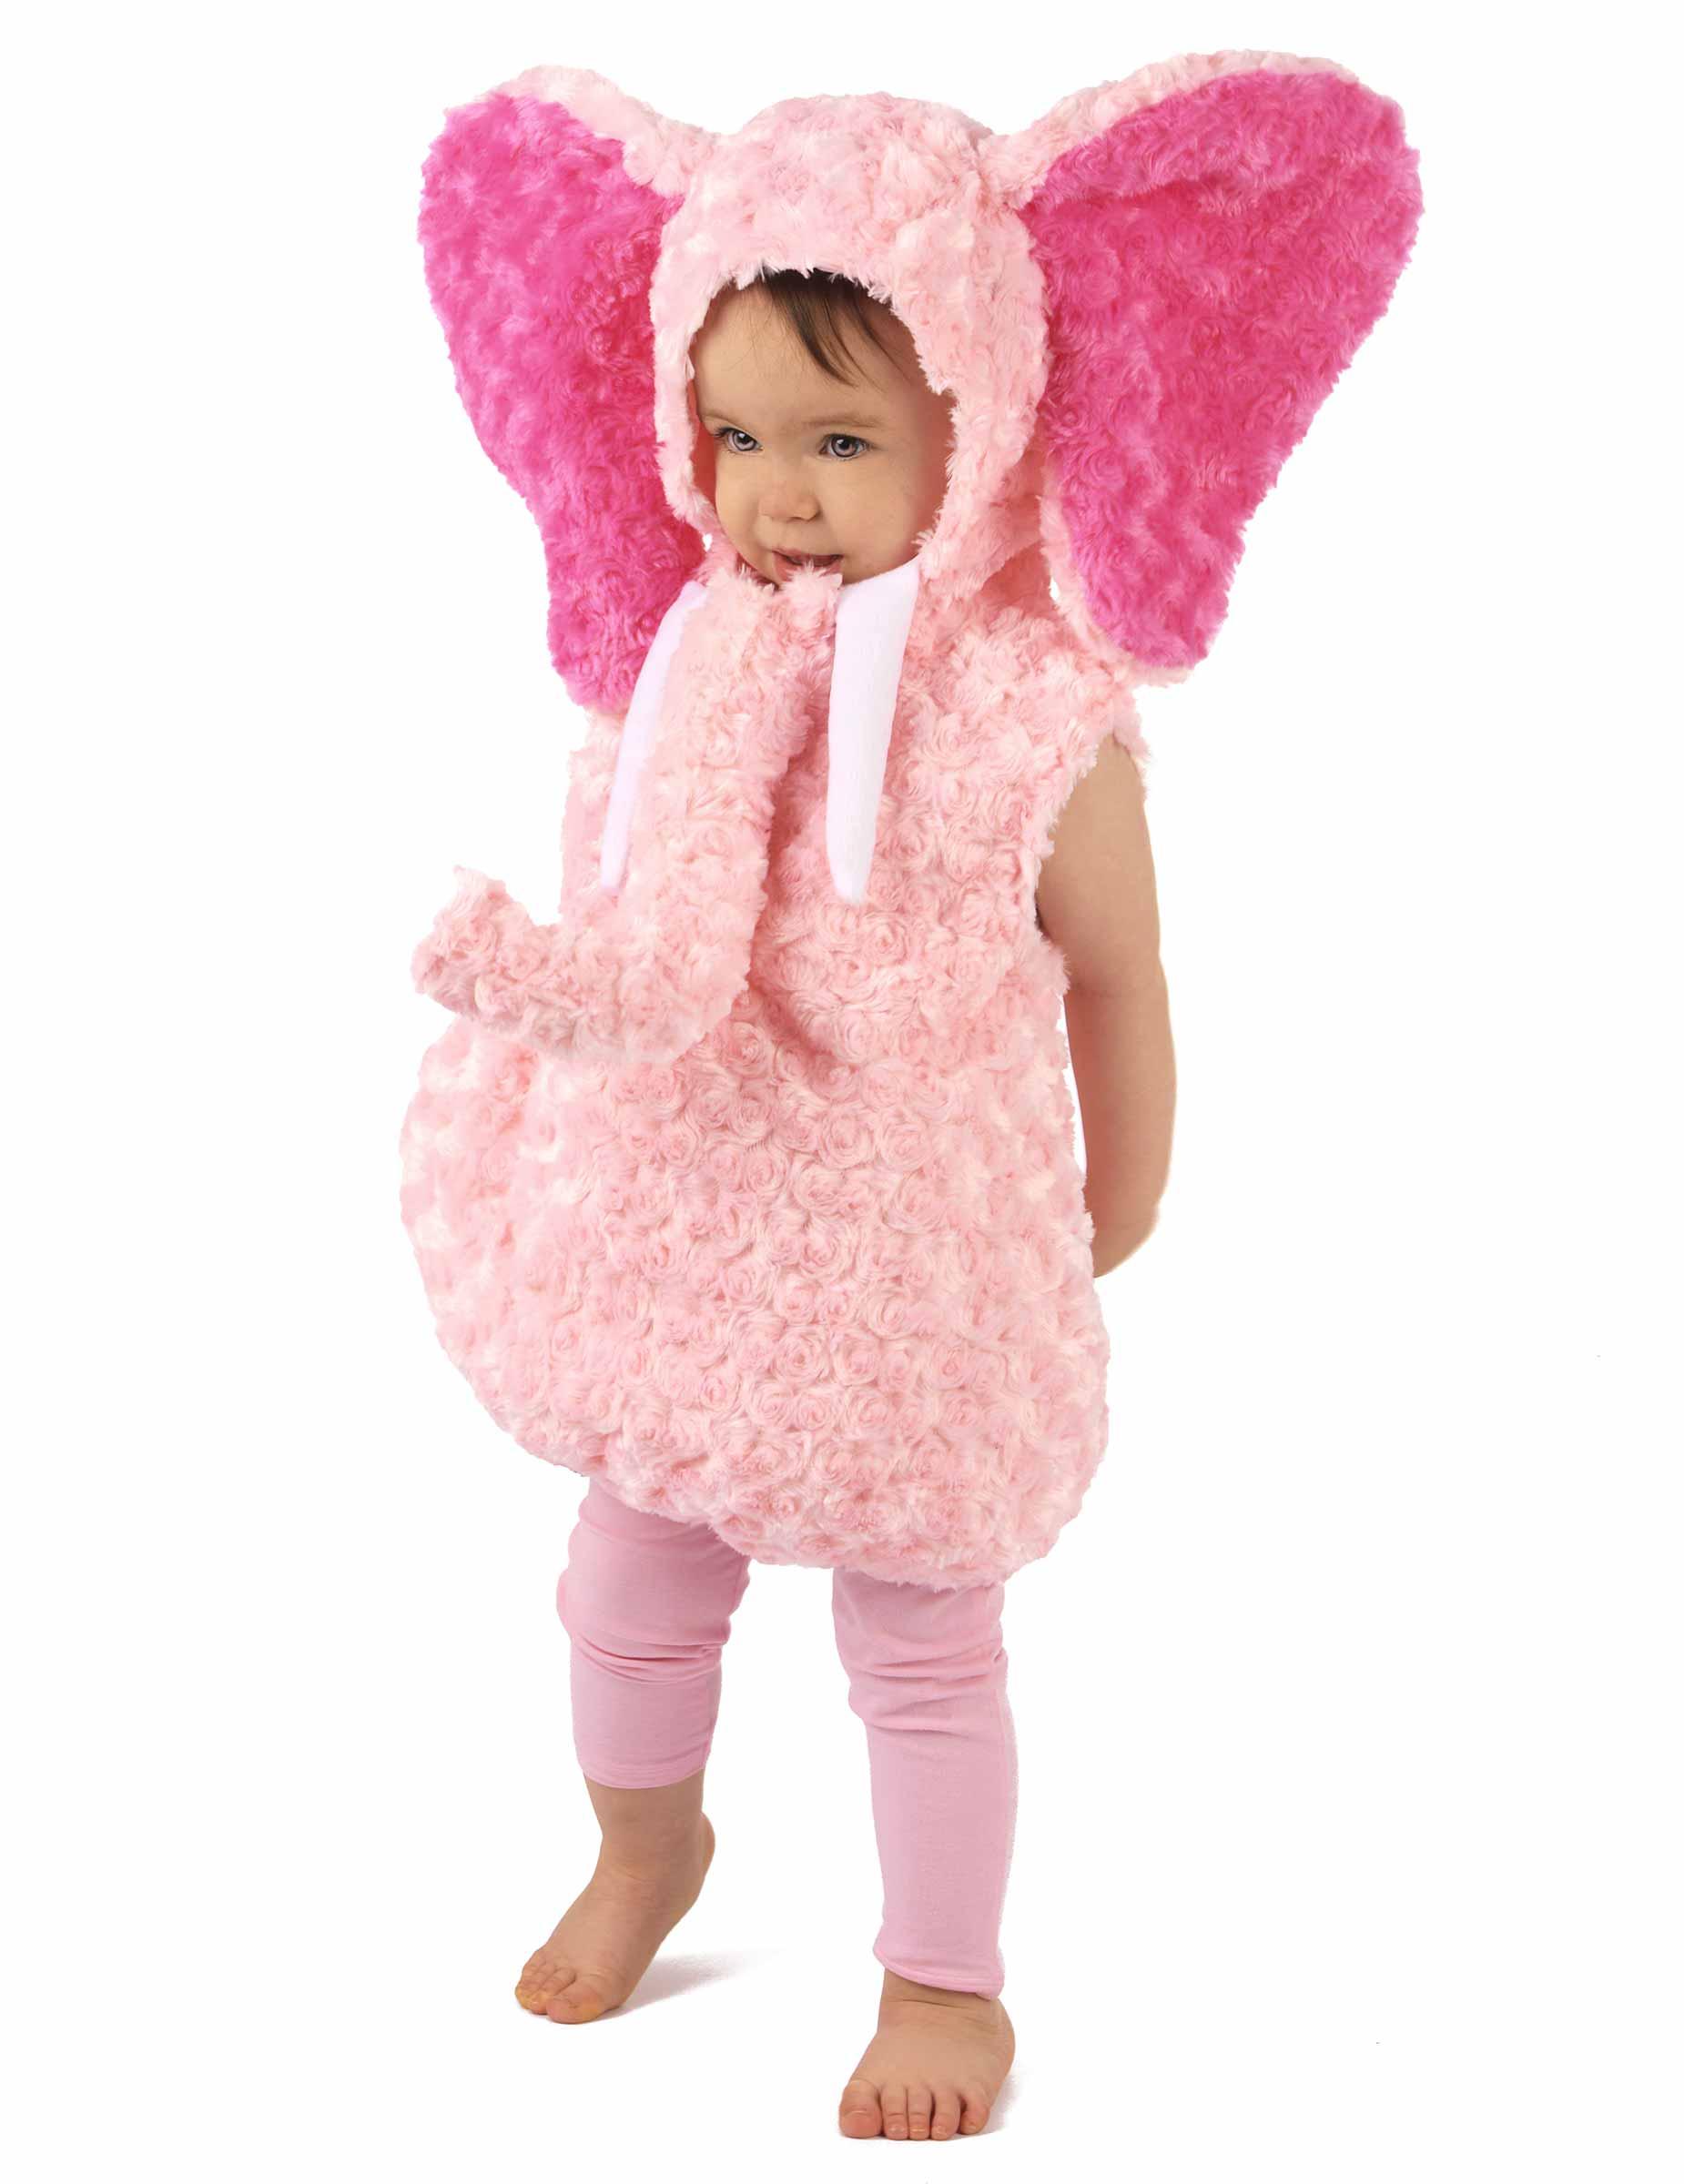 Bebis maskeradkläder - Maskeradkläder för din baby till maskeraden ... 114376d9a7411